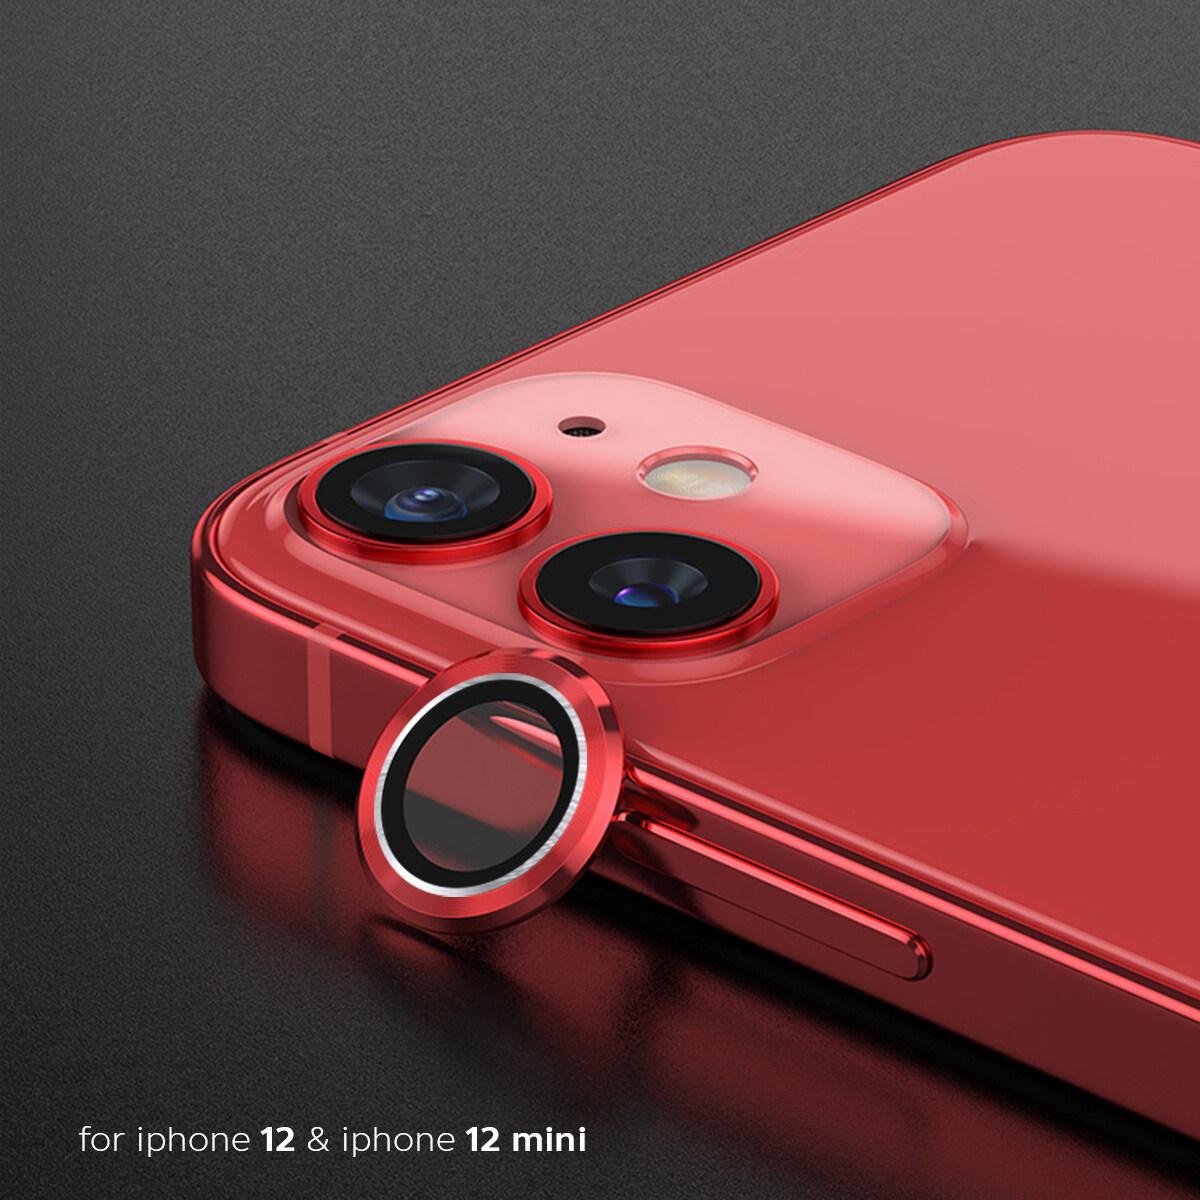 เลนส์กล้อง iphone 12 ฟิล์มกล้อง iphone 12 ฟิล์มกล้องไอโฟน12 ฟิล์มเลนส์กล้องไอโฟน12 เลนส์กล้องไอโฟน12 ฟิล์มเลนส์กล้อง iphone 12/12mini/12pro/12promax / D-PHONE